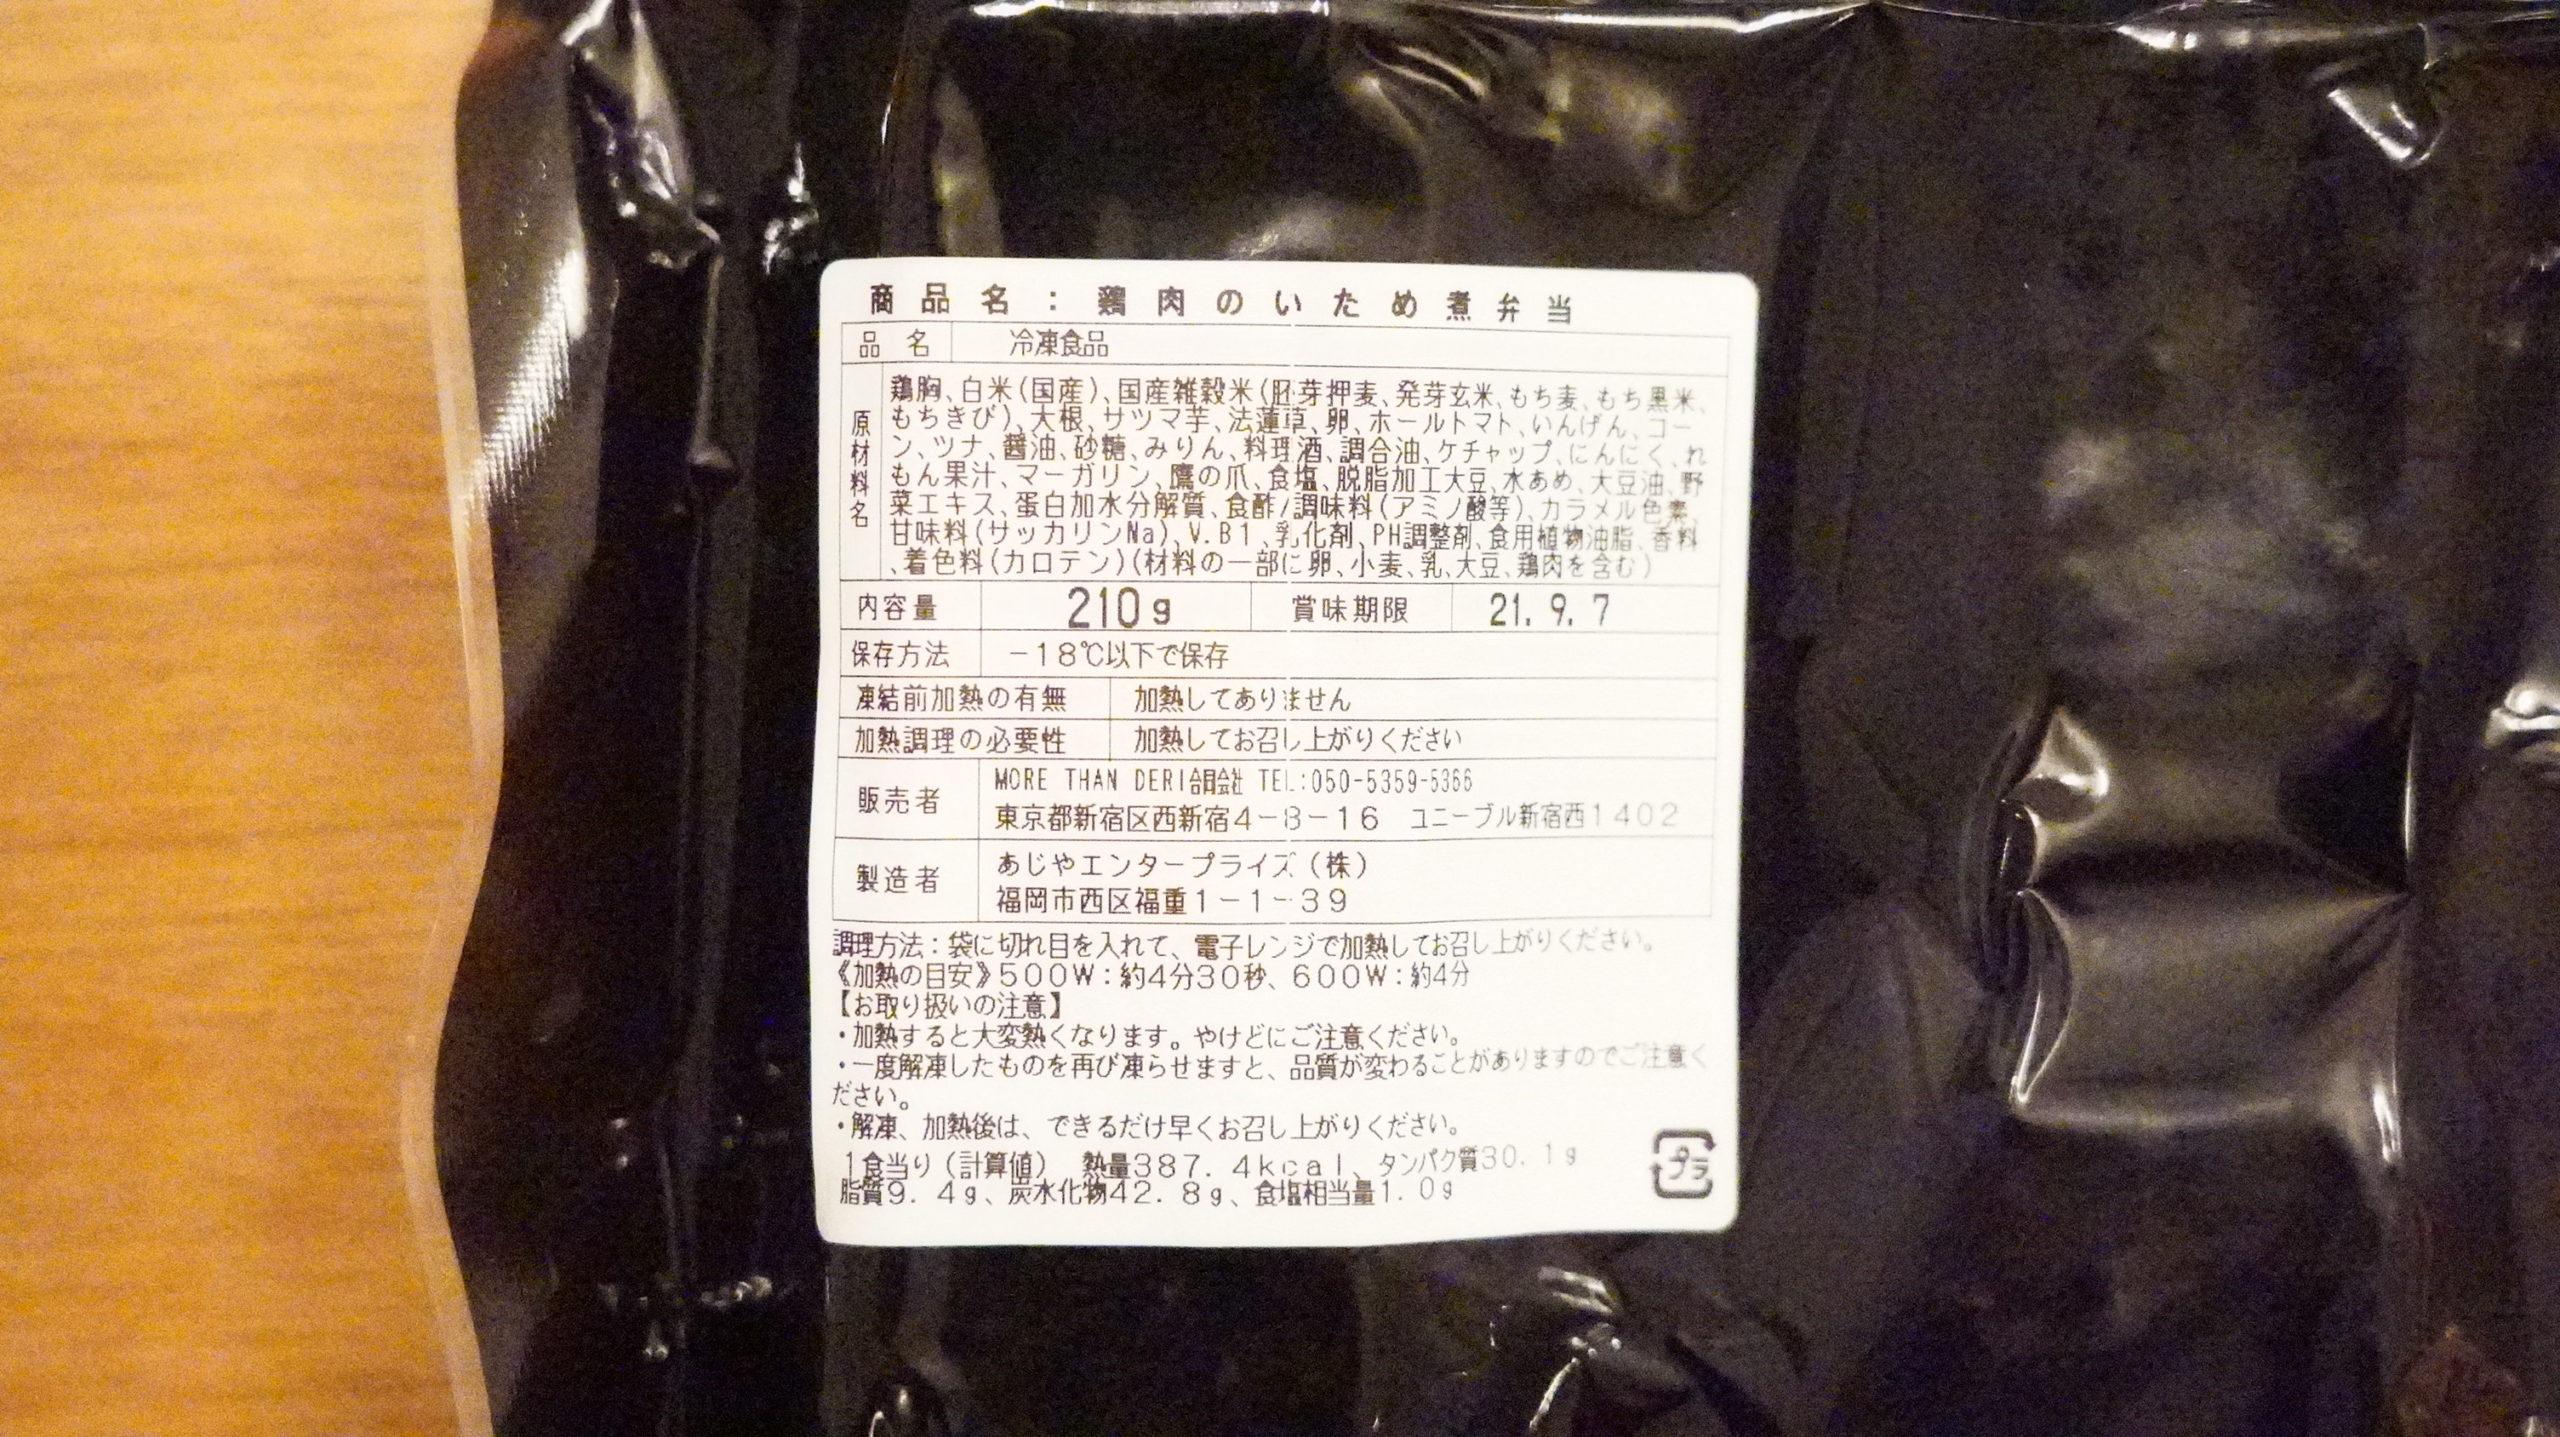 More than Deli(モアザンデリ)の冷凍弁当「鶏肉のいため煮」のパッケージ裏面の拡大写真